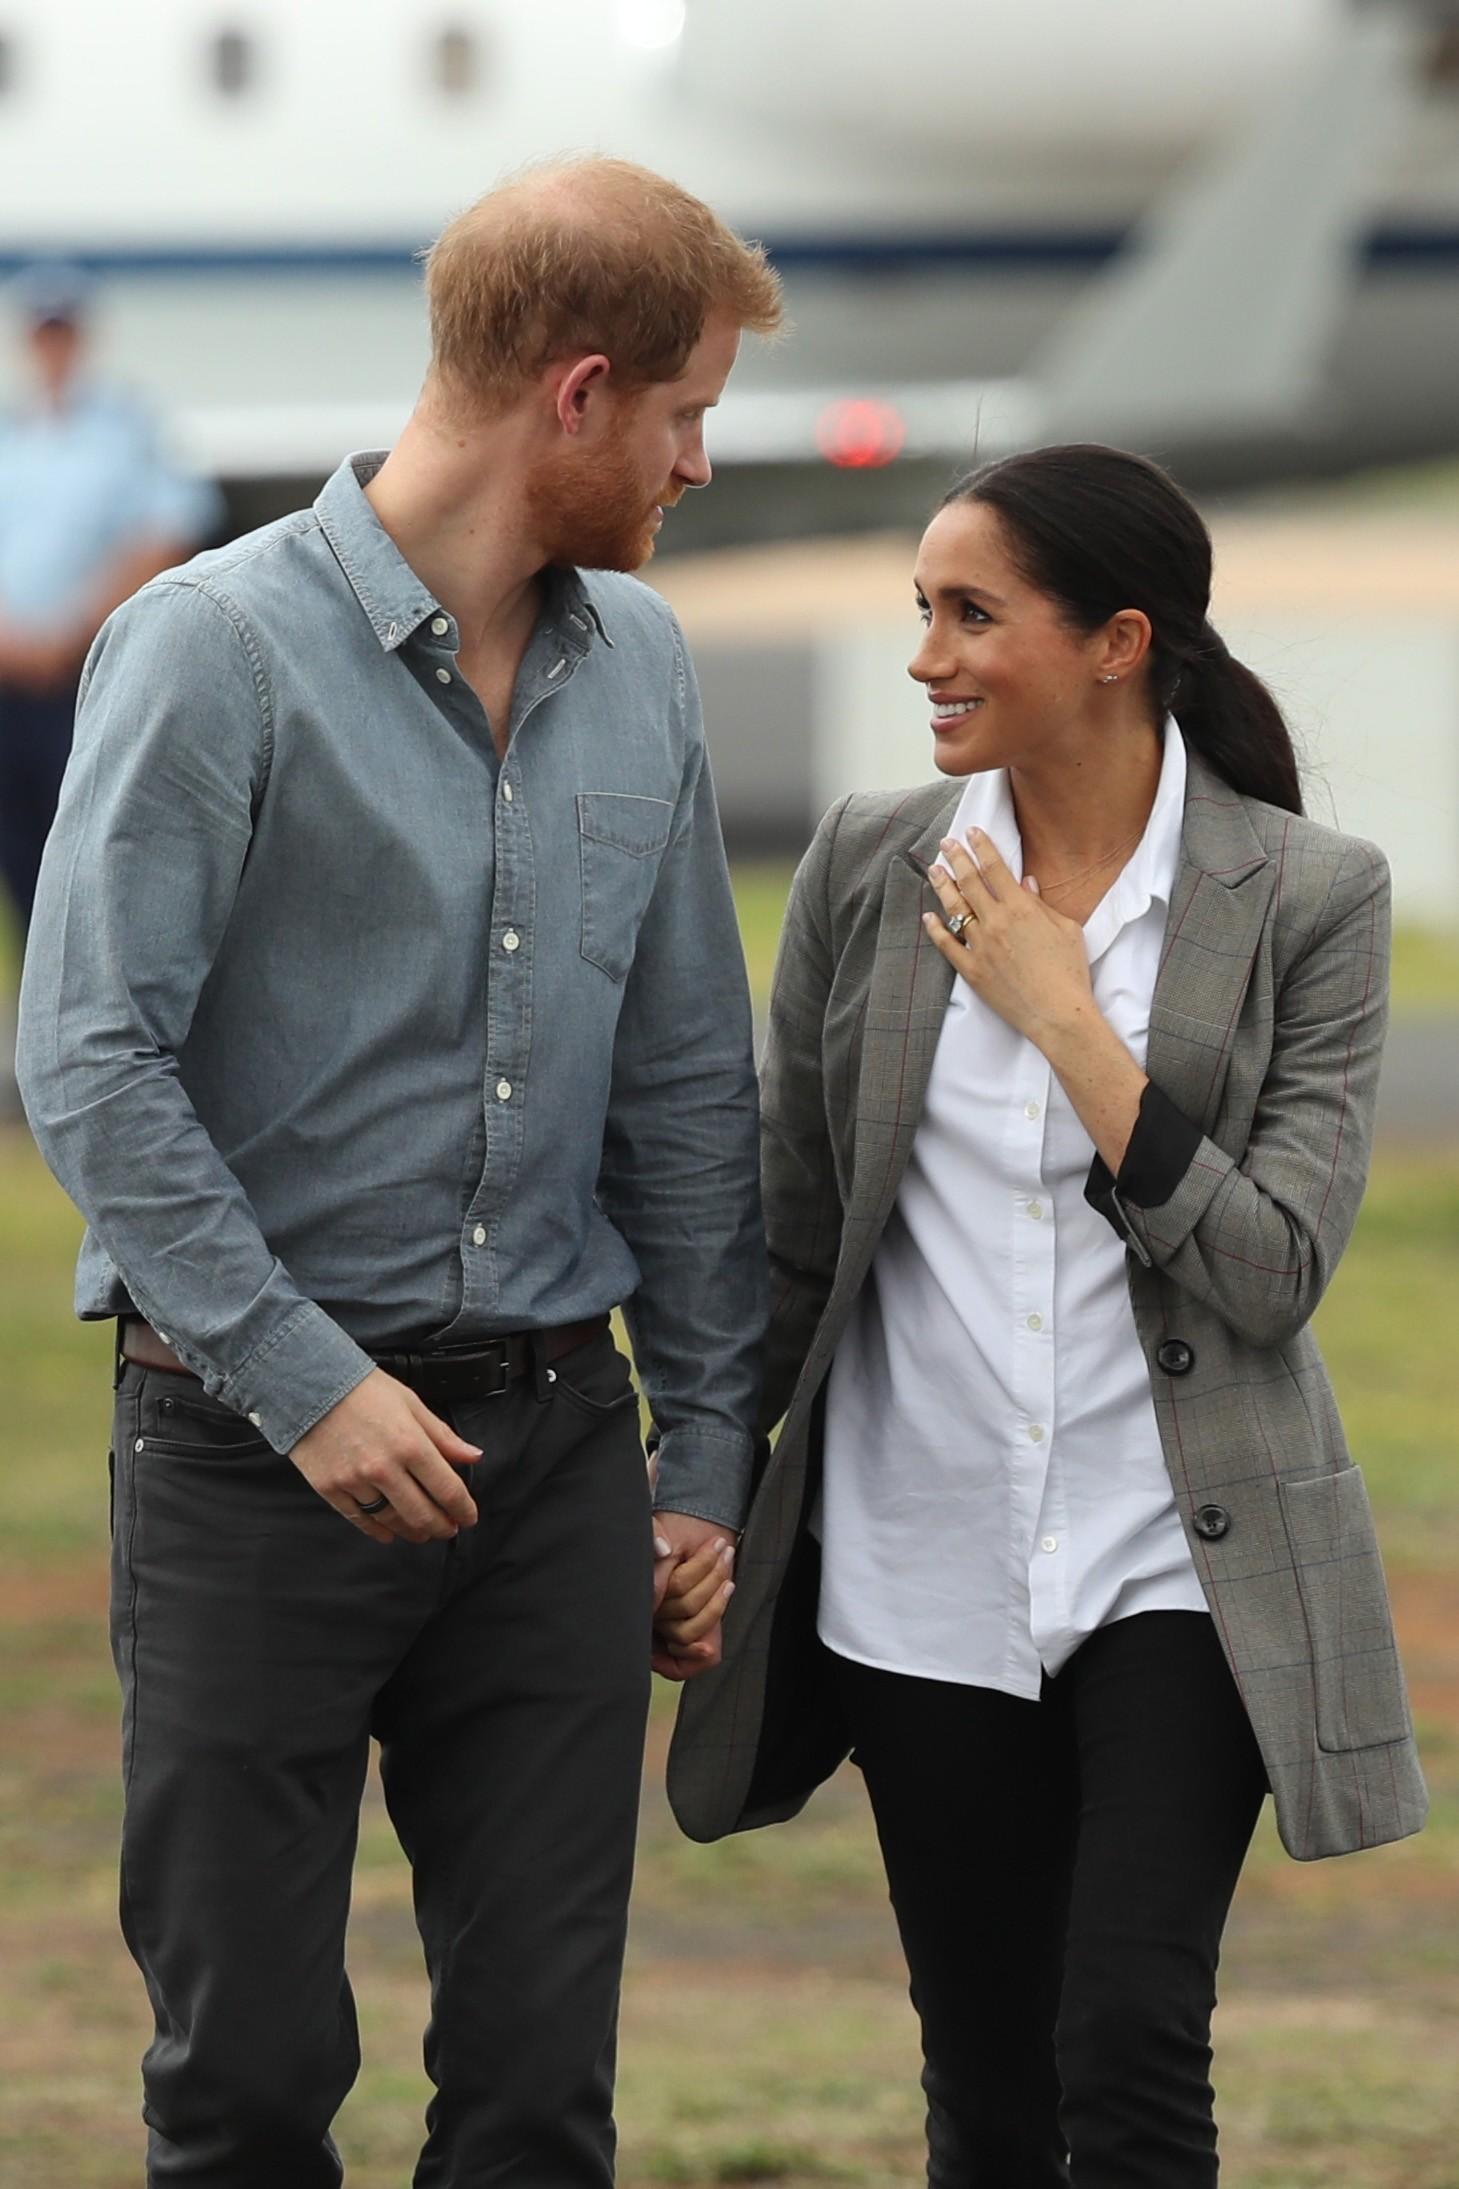 Príncipe Harry e Meghan Markle estão na Austrália (Foto: Getty Images)